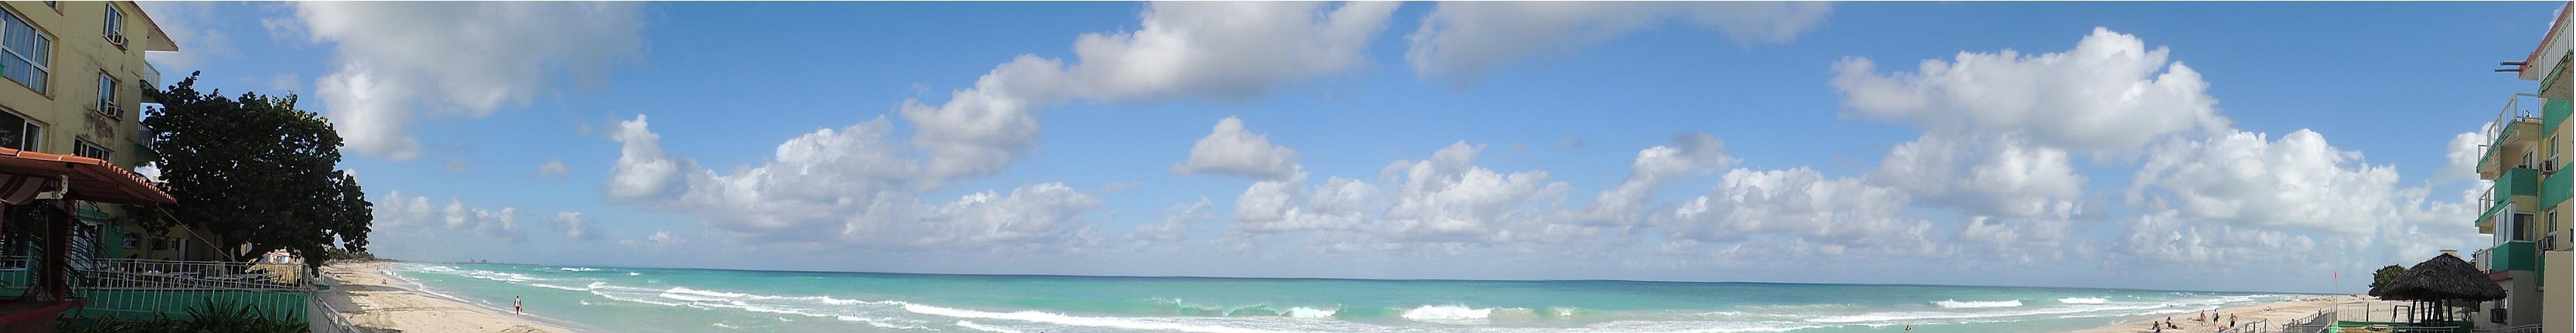 쿠바: 카리브해 휴양지 바라데로 & 쿠바 한인들의 ..